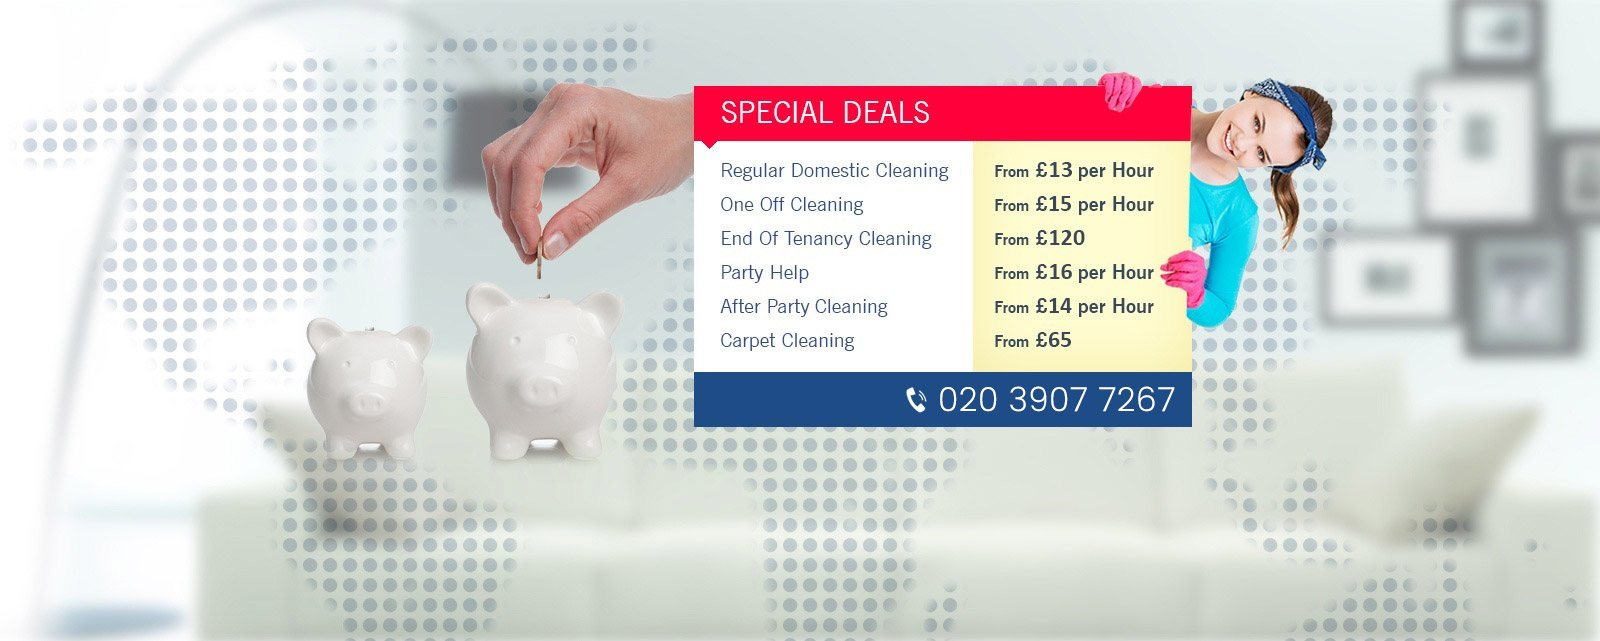 bg-special-deals